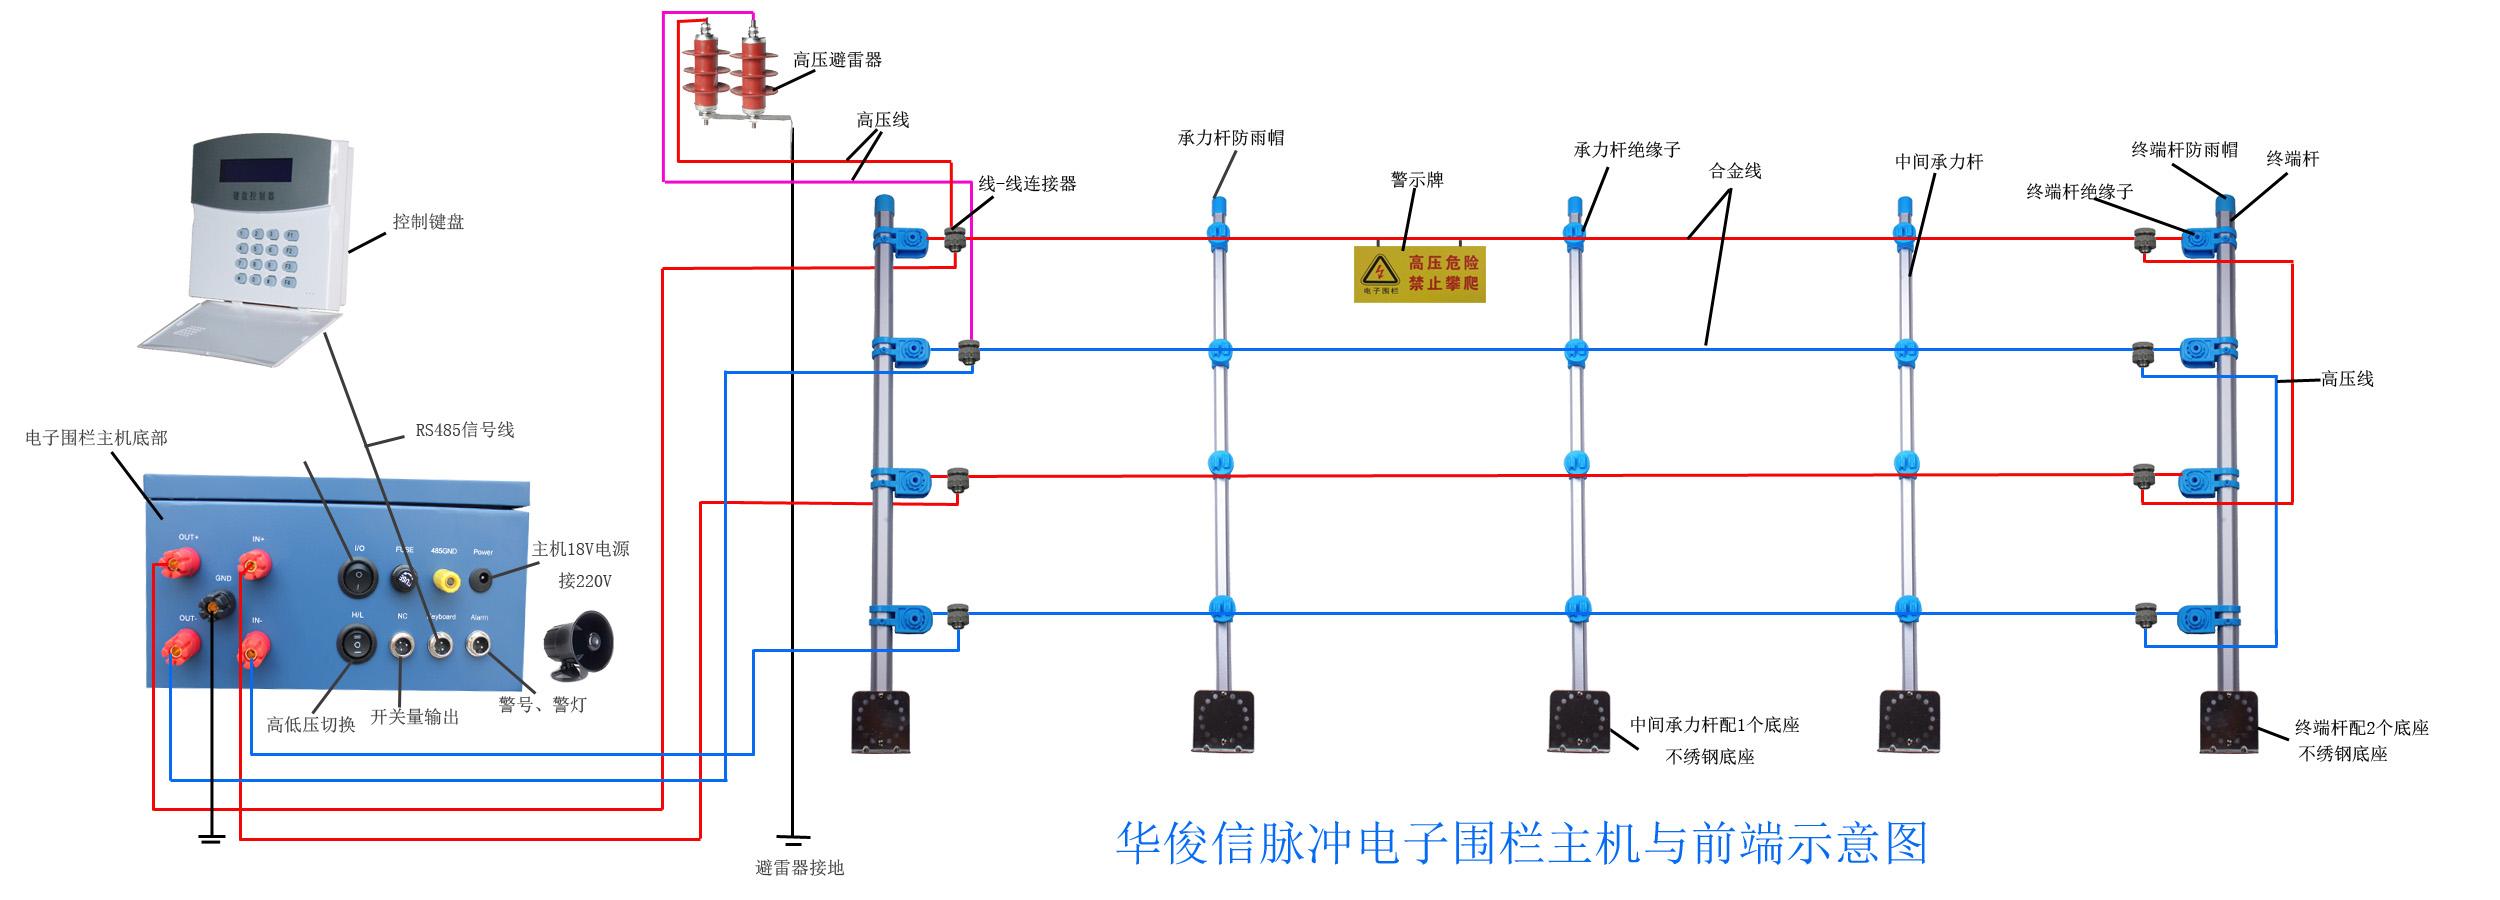 电子围栏产品设计依据: GB/T7946-2008《脉冲电子围栏及其安装和安全运行》 产品特性: 差分电压输出技术:每条线上有电压,相临两线之间有压差; 通过和控制键盘/电脑软件连接,可同时管理32个电子围栏防区; 通过和报警主机连接,可同时管理256个电子围栏防区; 具有高/低压手动切换,或通过控制键盘实现系统布撤防、高低压切换等功能; 设备运行自我检测,具有短路、断线、防拆报警功能; DC12V及常开/常闭干接点报警输出,可和多种现代化安防产品配套使用。 产品技术参数: 供电电源:采用电